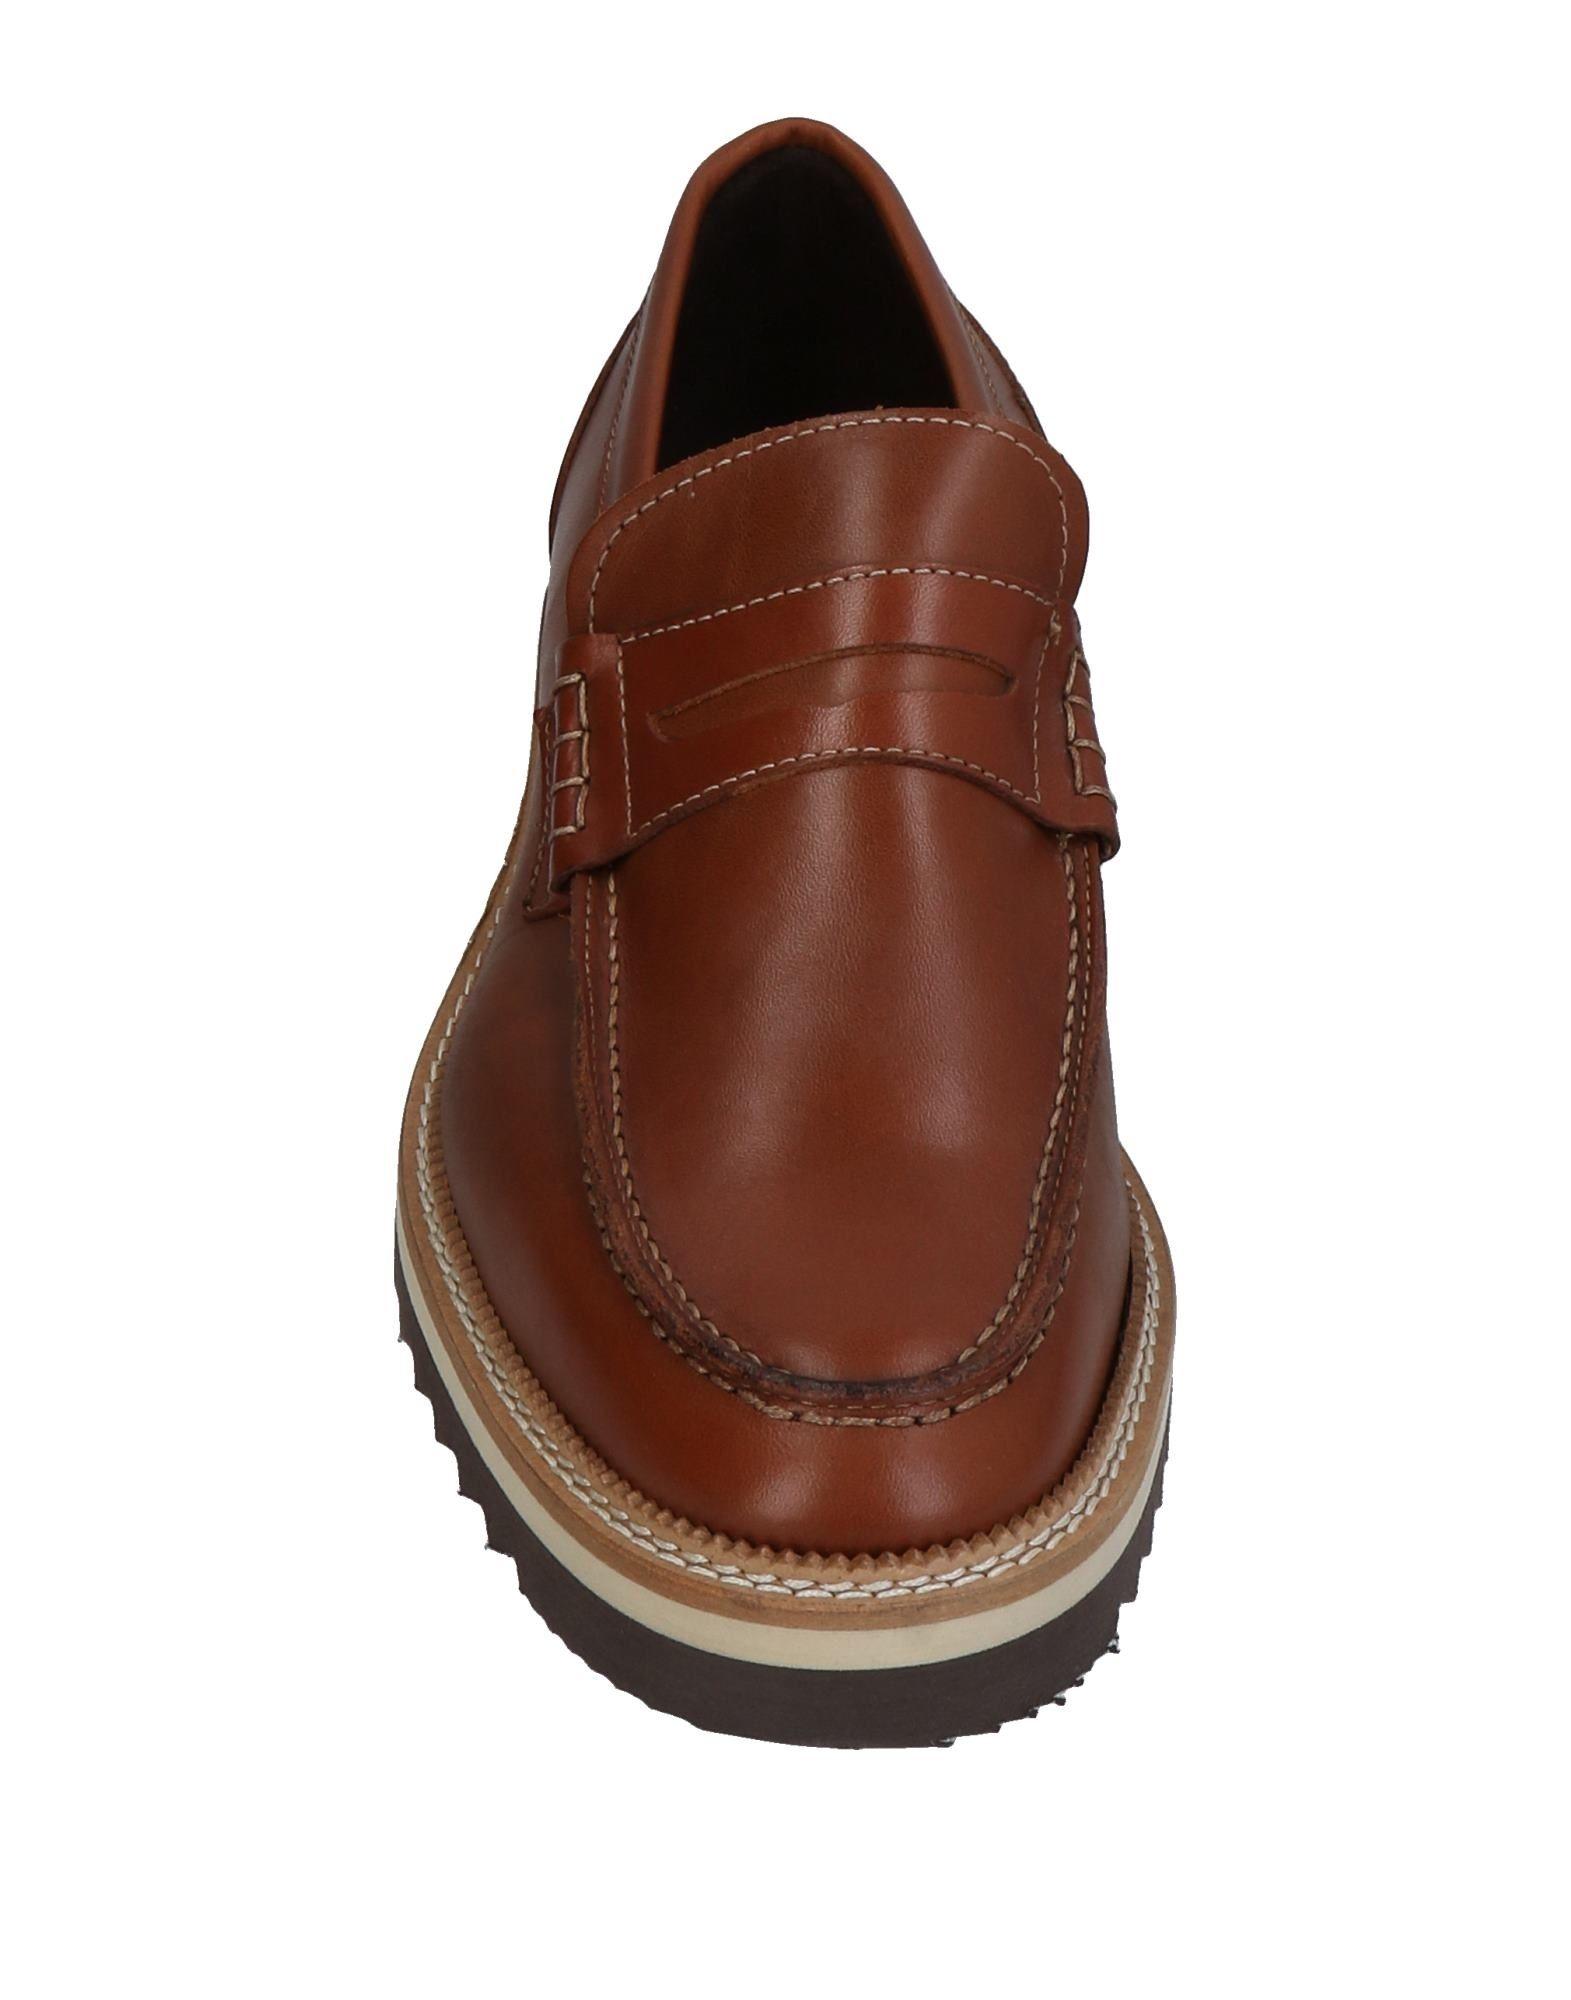 Angelo Pallotta Mokassins Qualität Herren  11456226CL Gute Qualität Mokassins beliebte Schuhe 6ed411